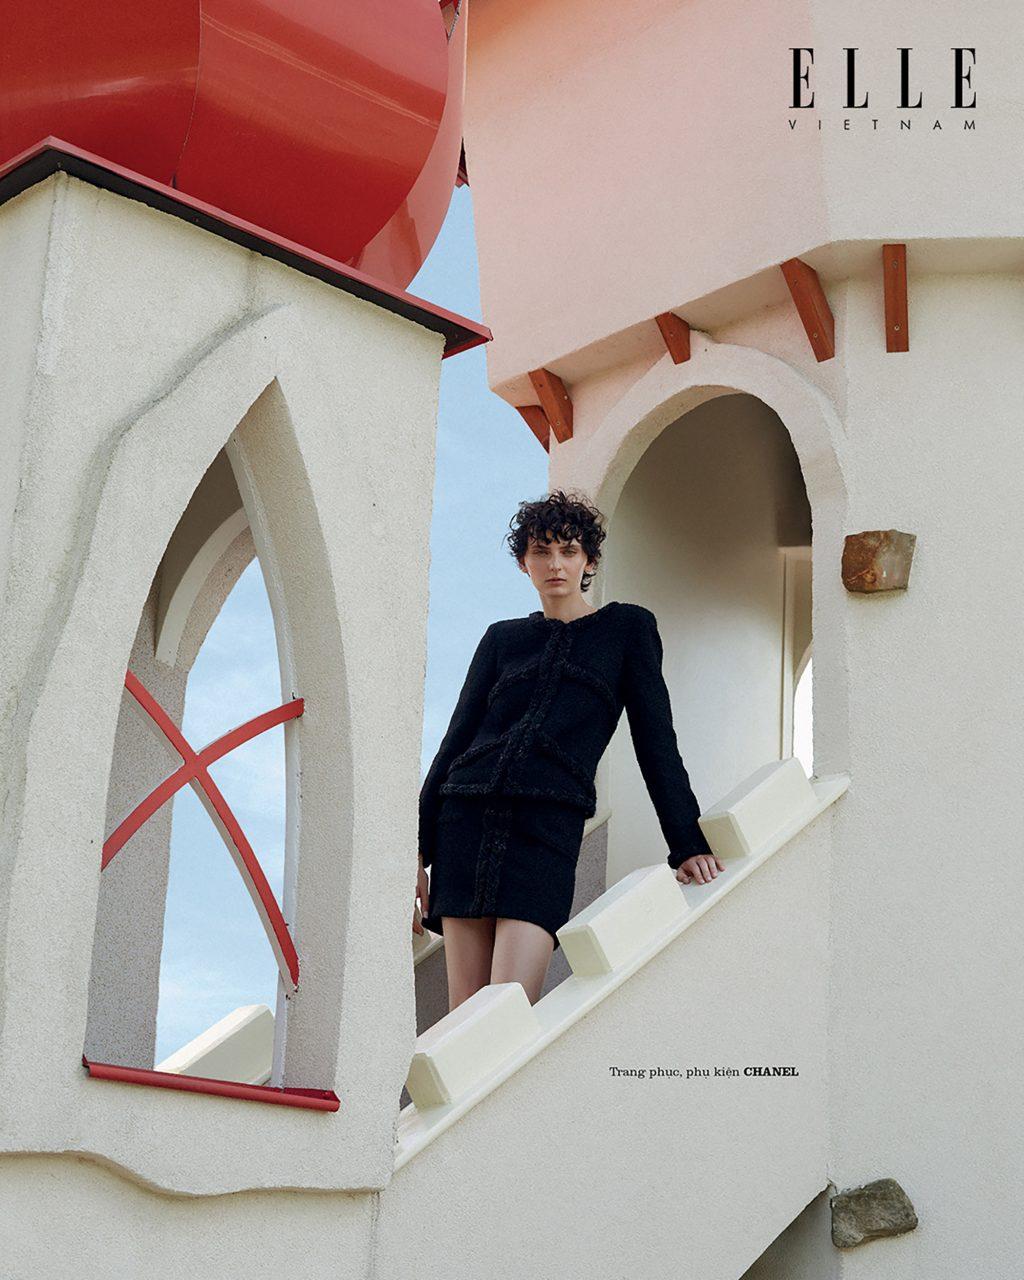 bộ ảnh thời trang wonderland trang phục phụ kiện Chanel